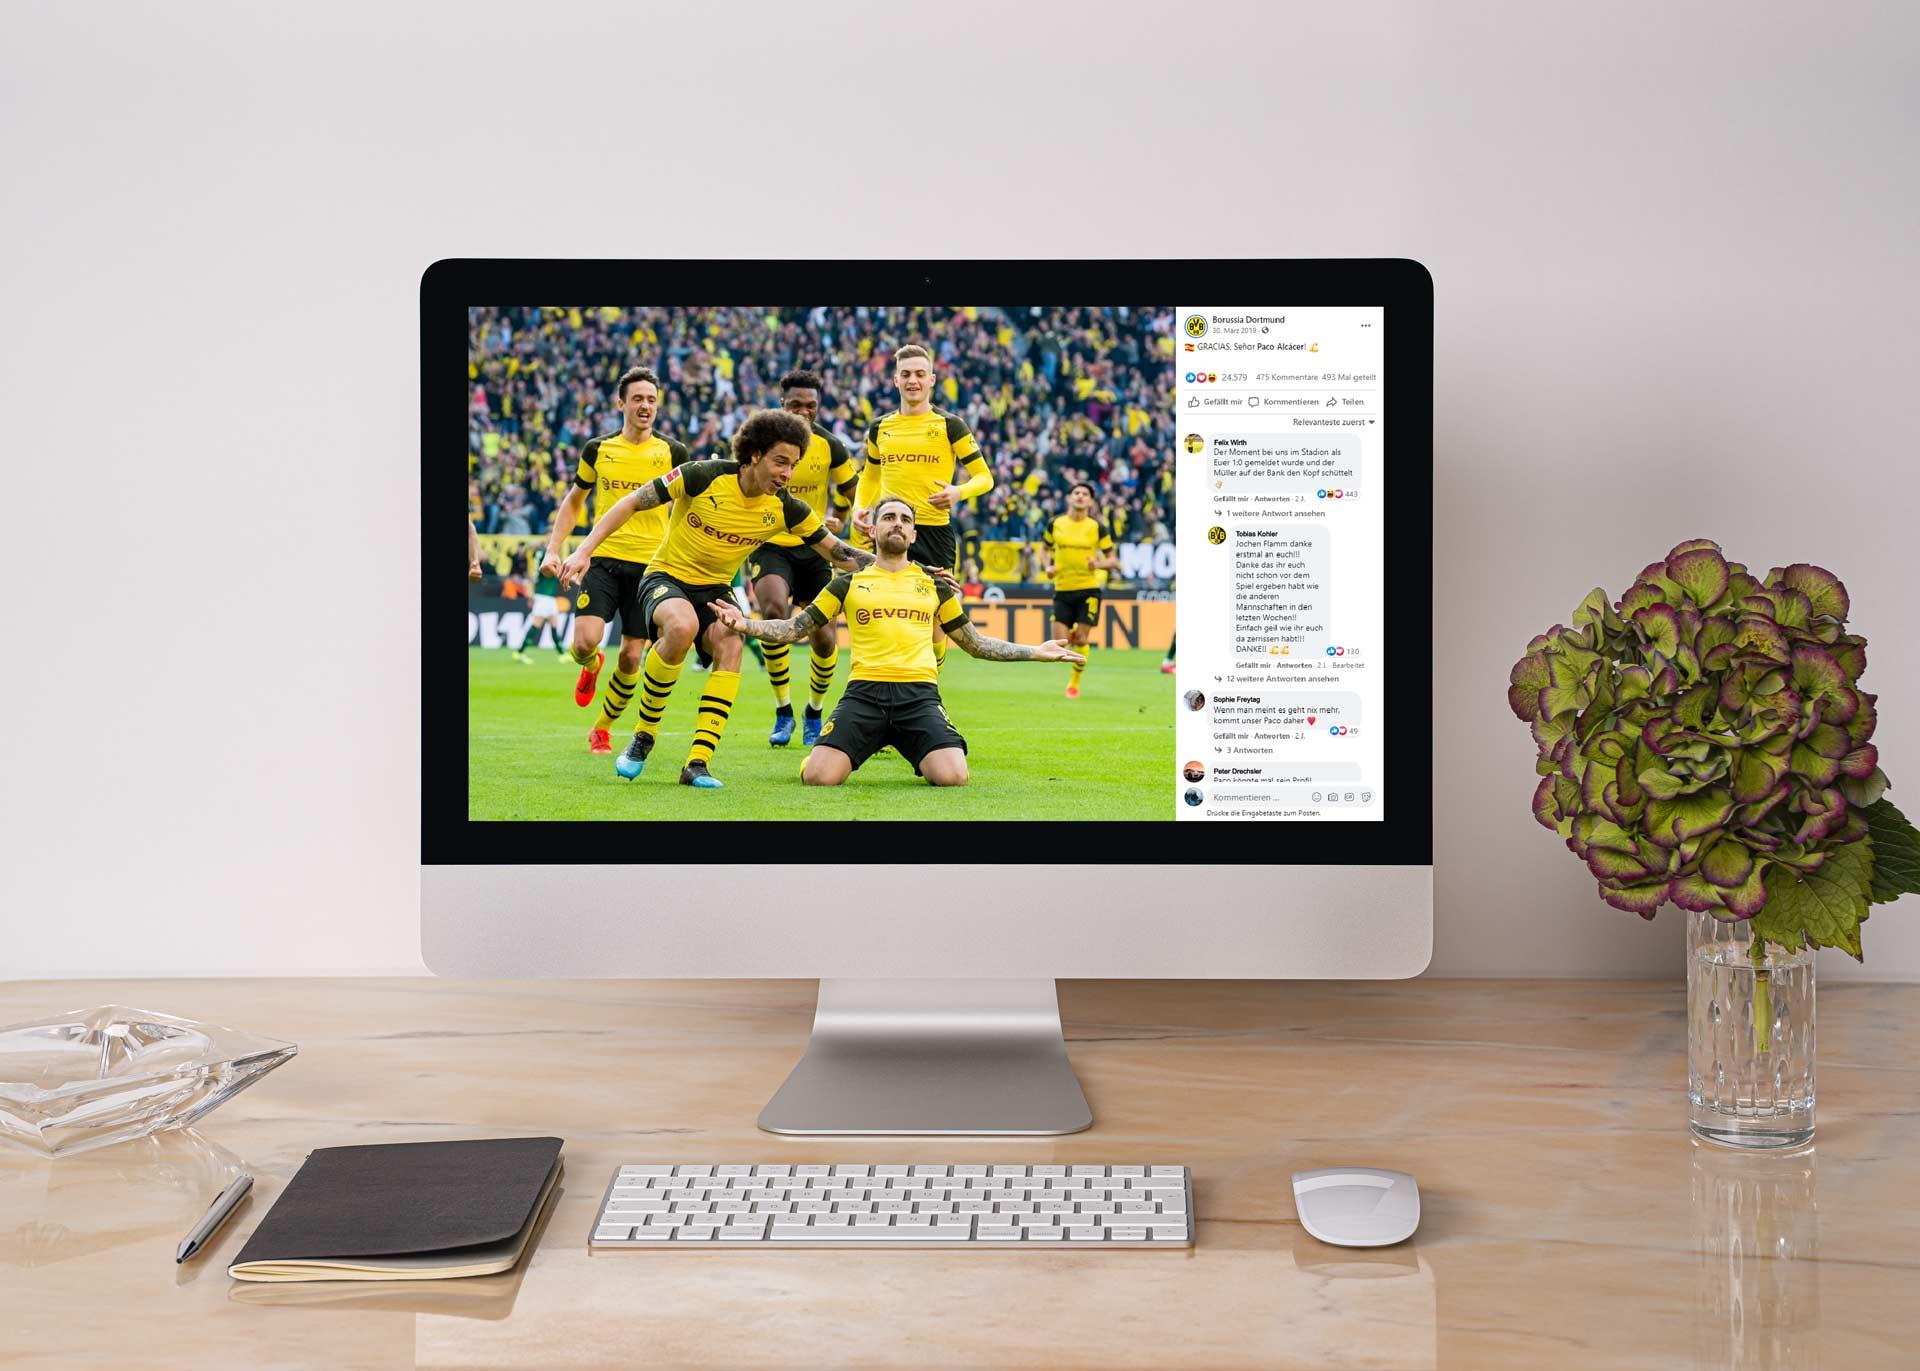 Die BVB Facebook Seite wird auf einem PC dargestellt.